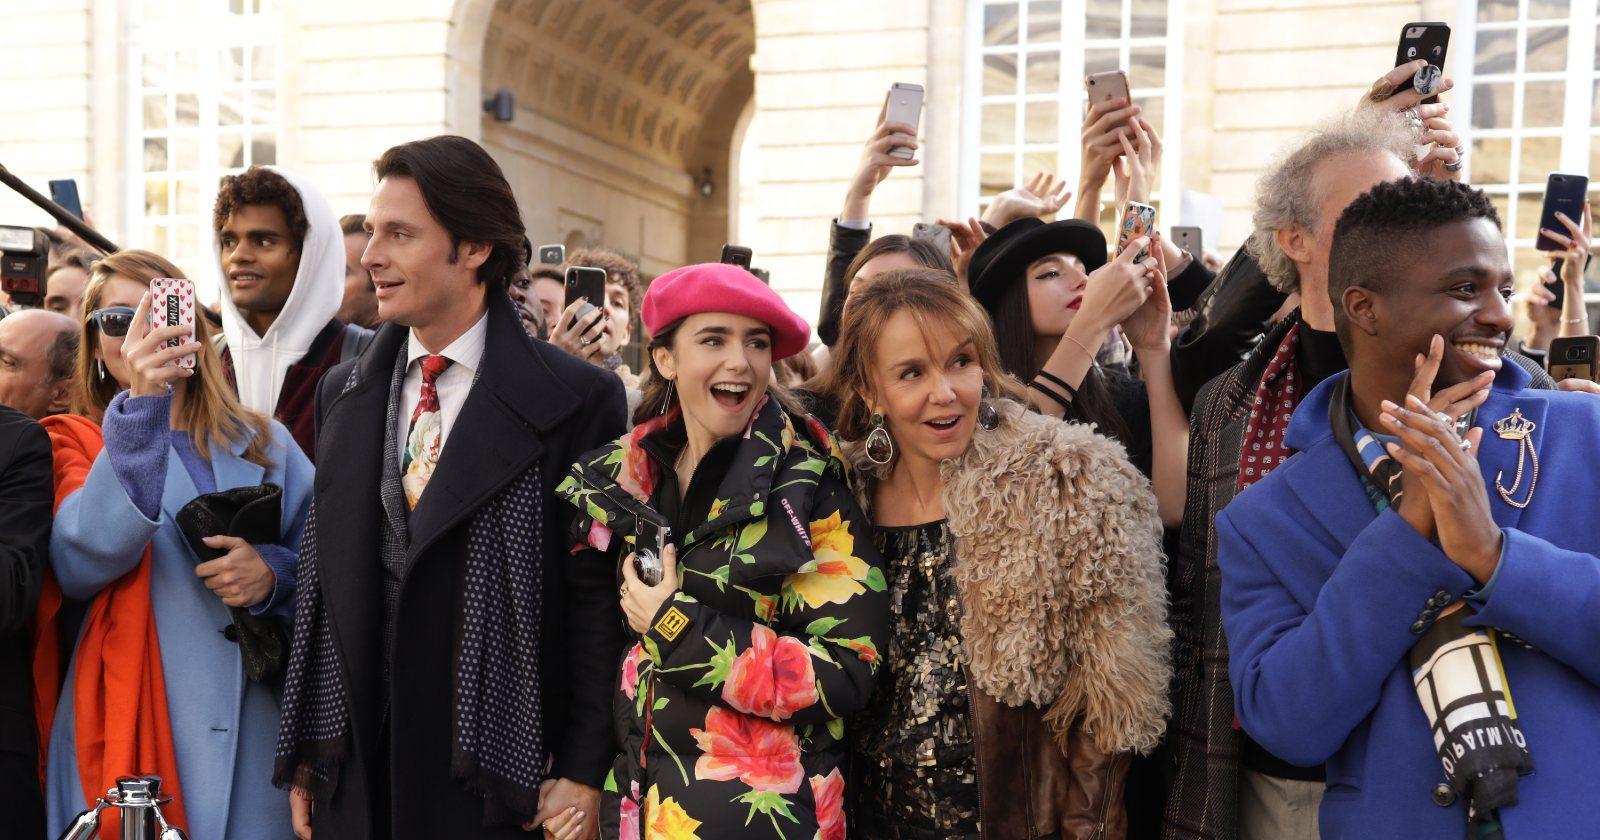 Emily en París en un desfile de modas en el exterior, en medio de una multitud tomando fotos con celulares, acompañada de sus colegas.